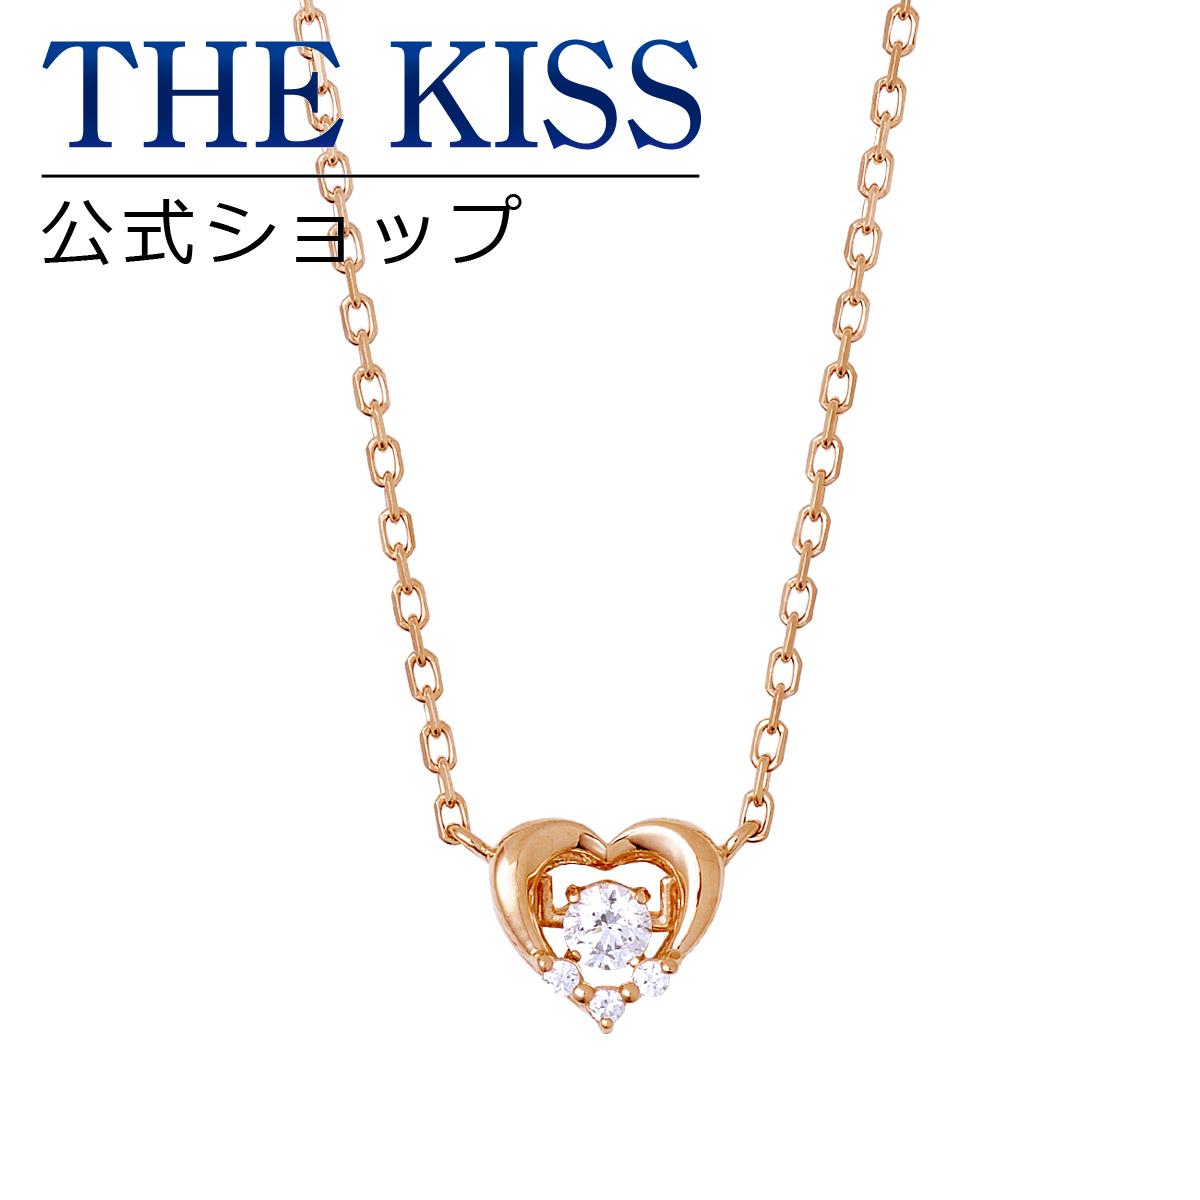 【あす楽対応】ダンシングストーン Dancing Stone THE KISS 公式サイト シルバー ネックレス レディースジュエリー・アクセサリー ジュエリーブランド THEKISS ネックレス・ペンダント 記念日 SPD1410CB ザキス 【Twinkling】【送料無料】